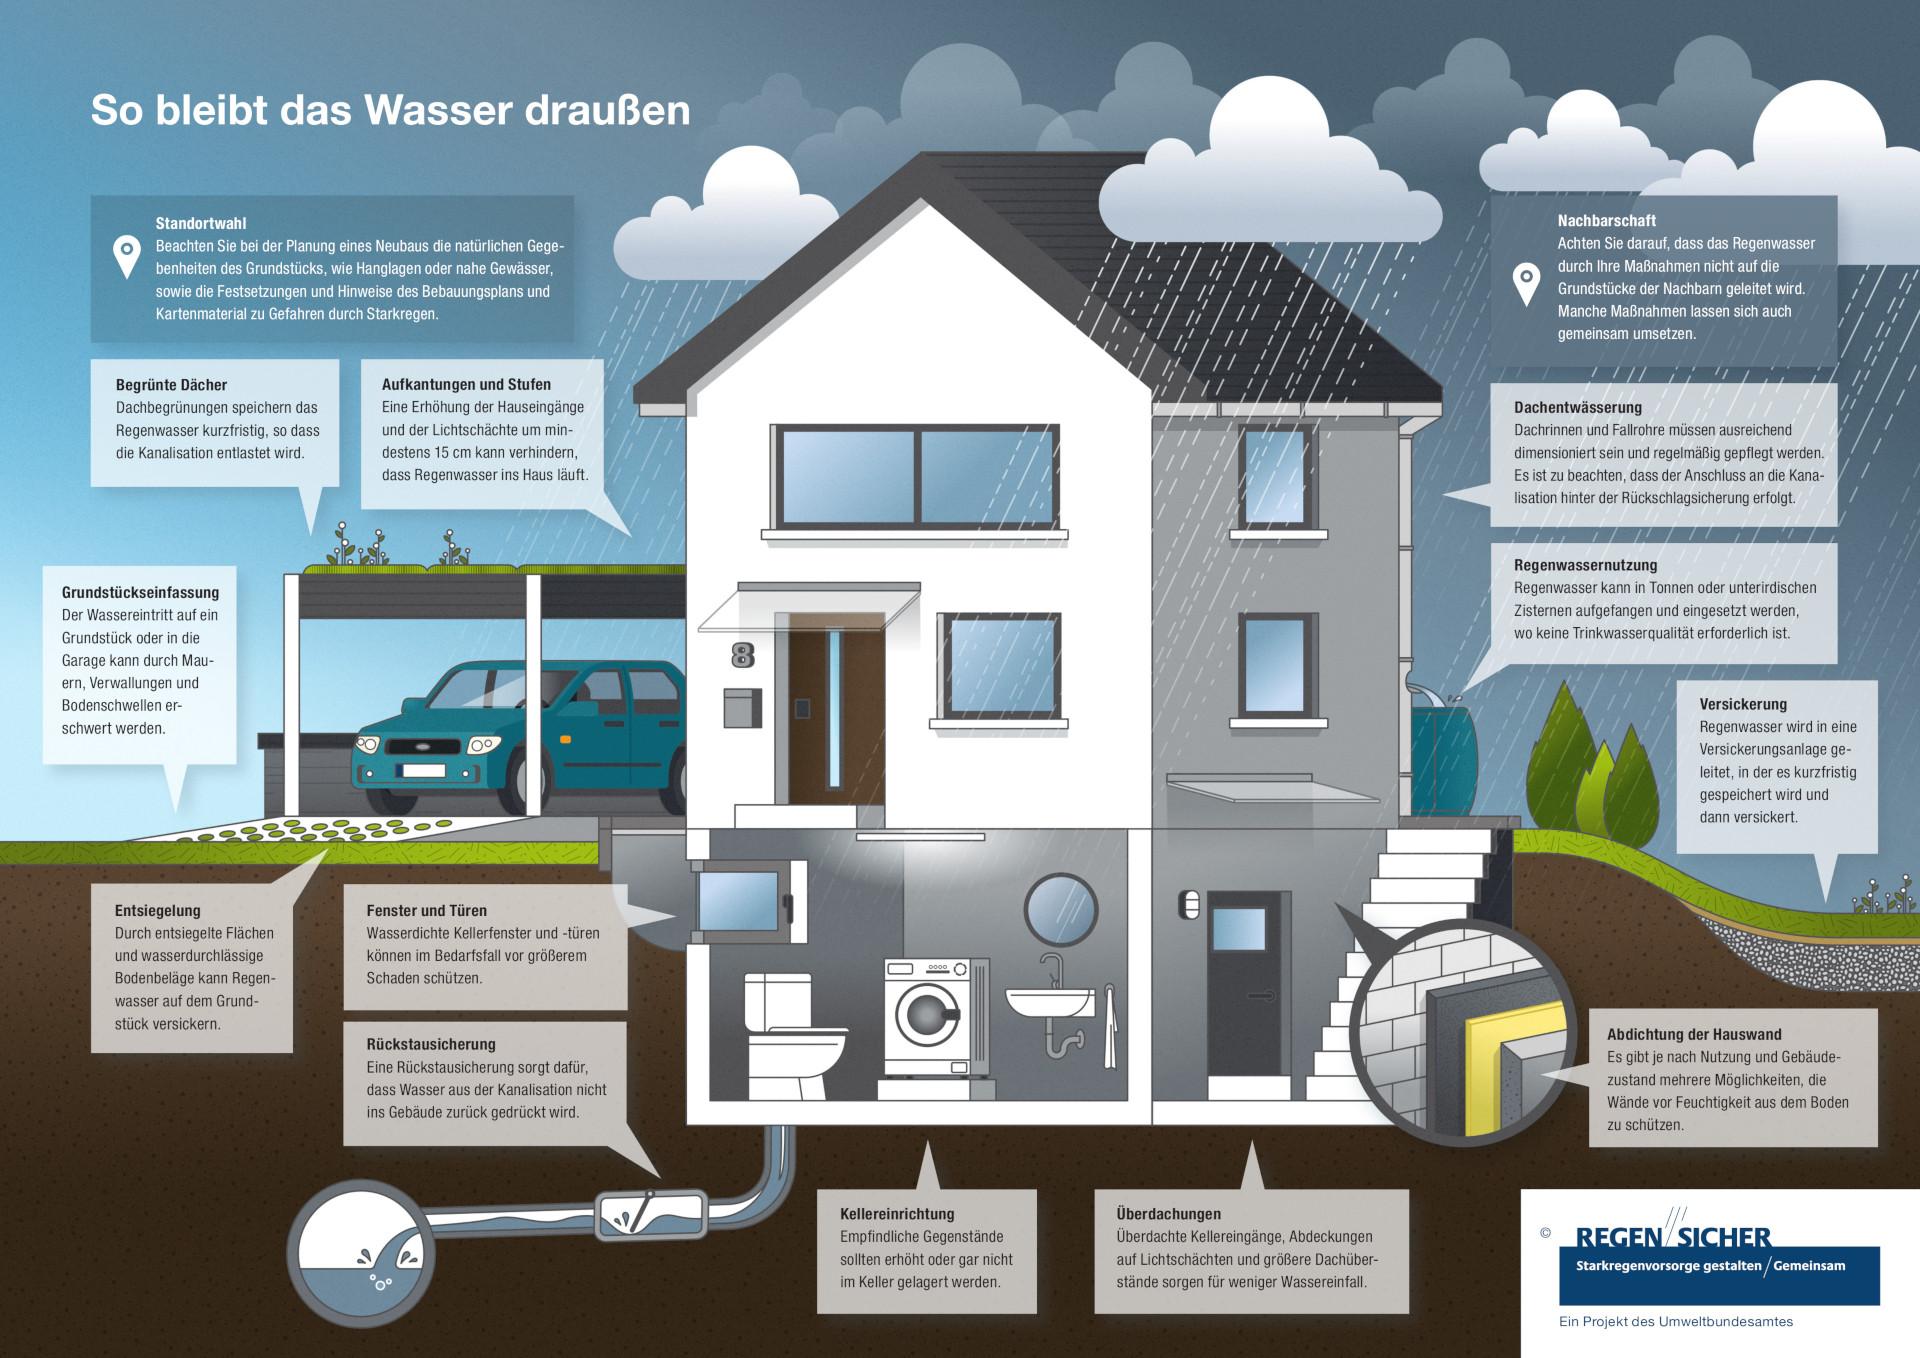 Grafik: So bleibt das Wasser draussen